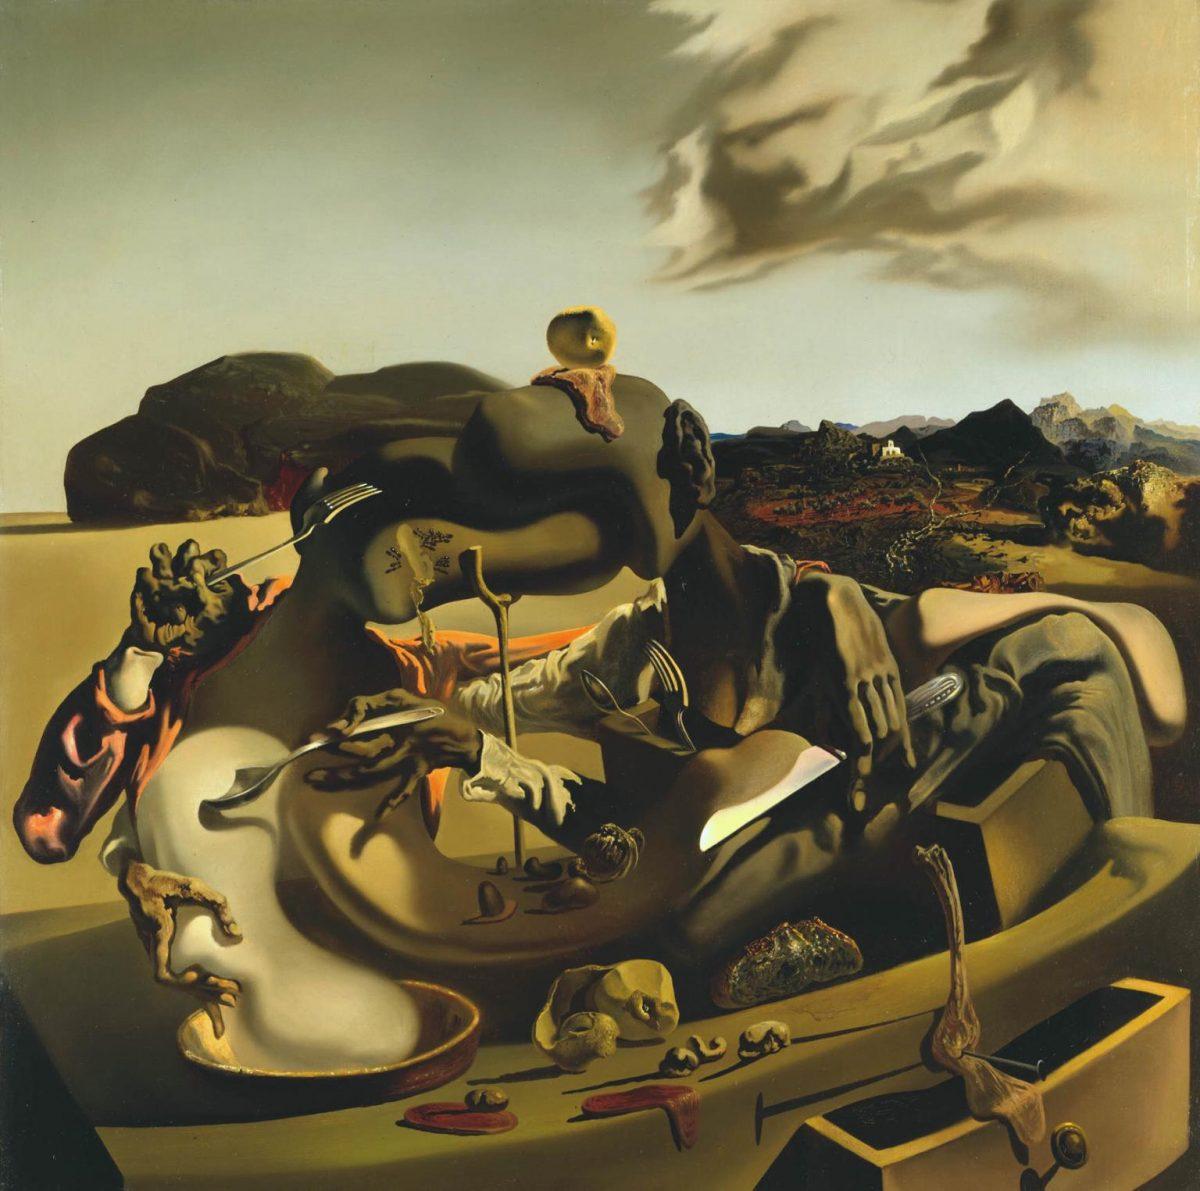 Autumnal Cannibalism Salvador Dalí